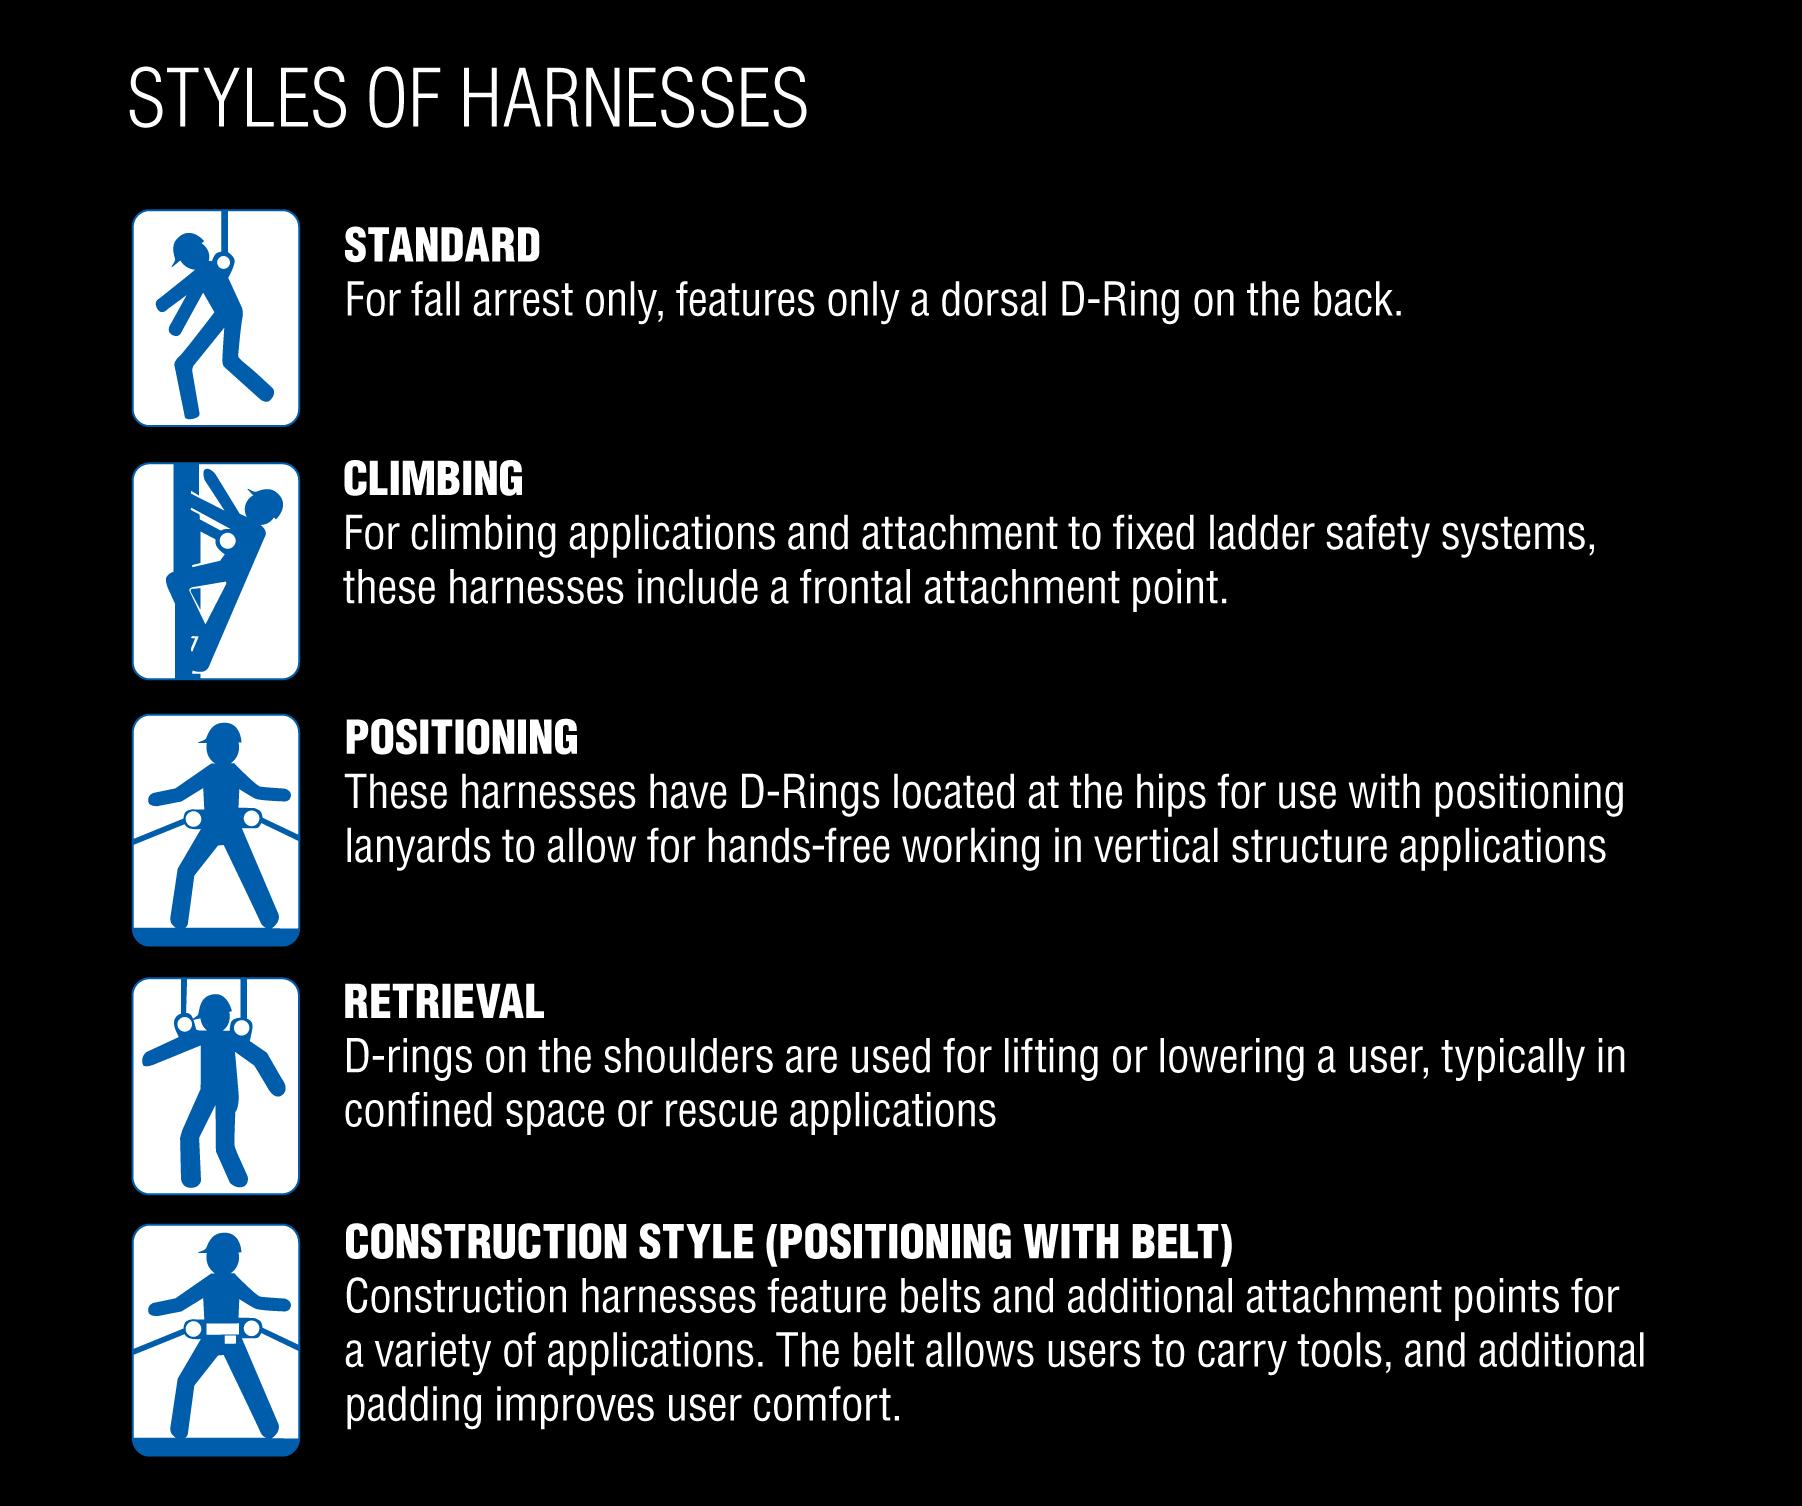 harnessstyles.jpg